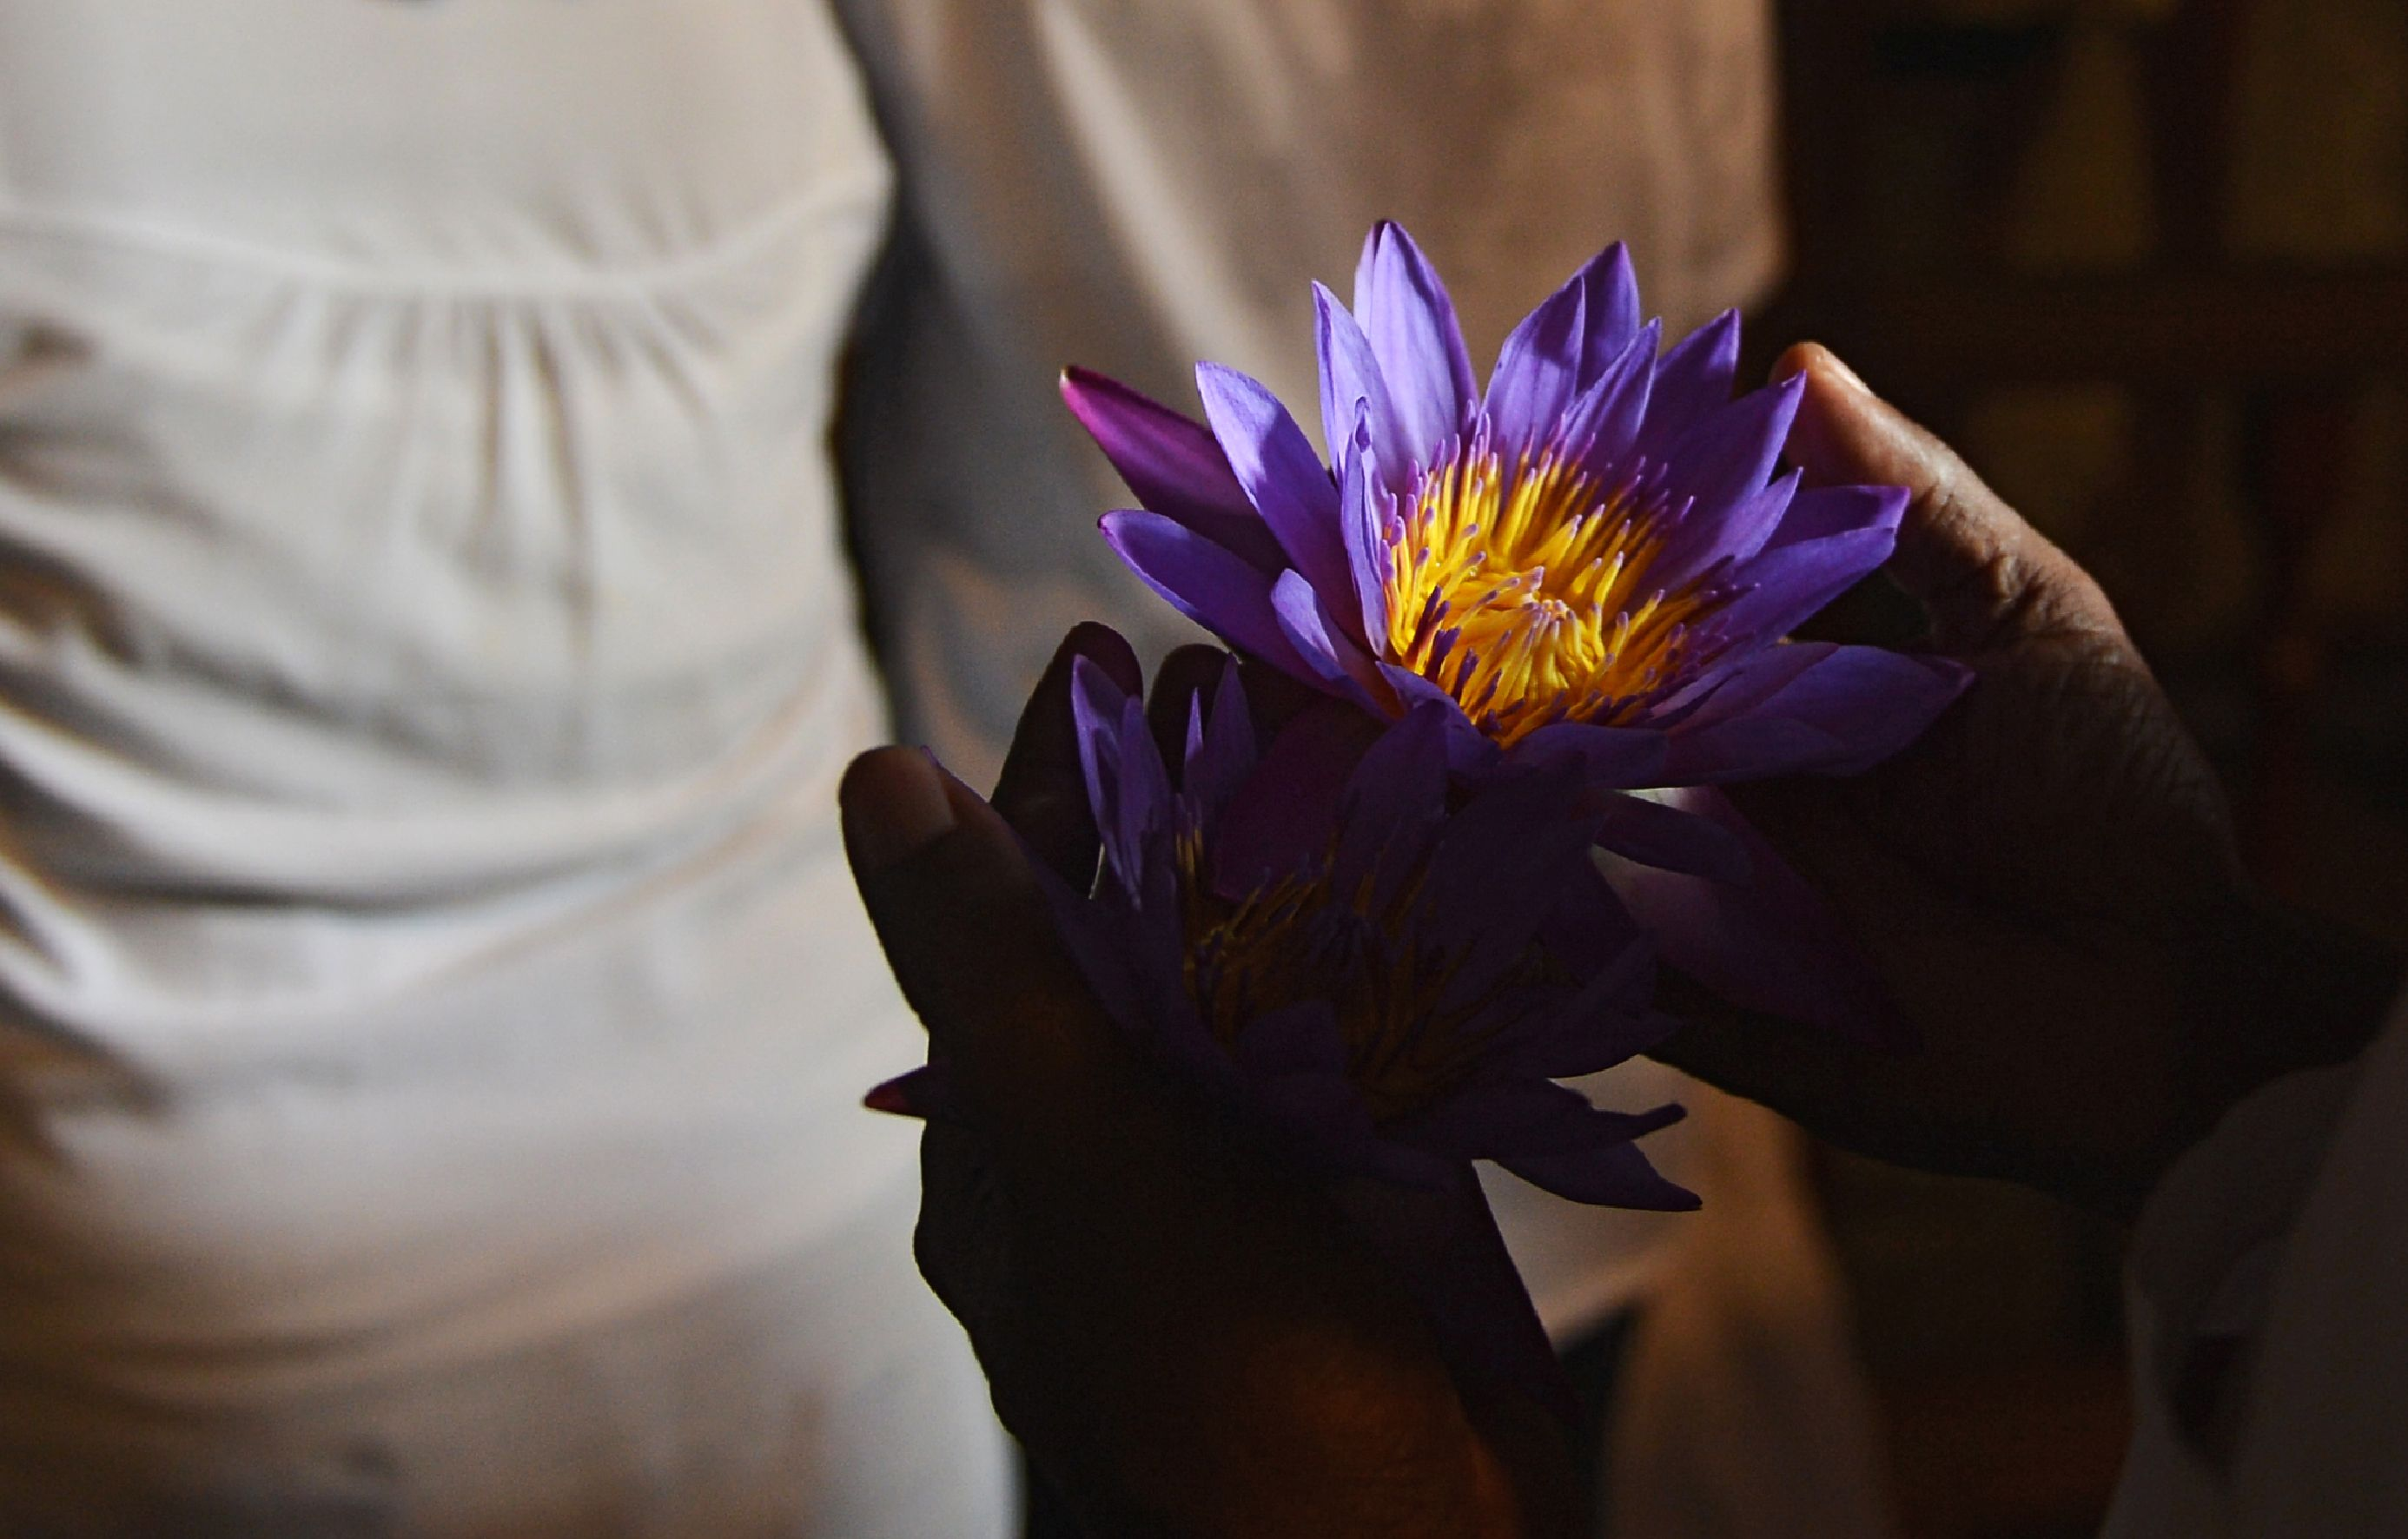 زهرة البنفسج فى يد أحد المصلين بذكرى ميلاد بوذا